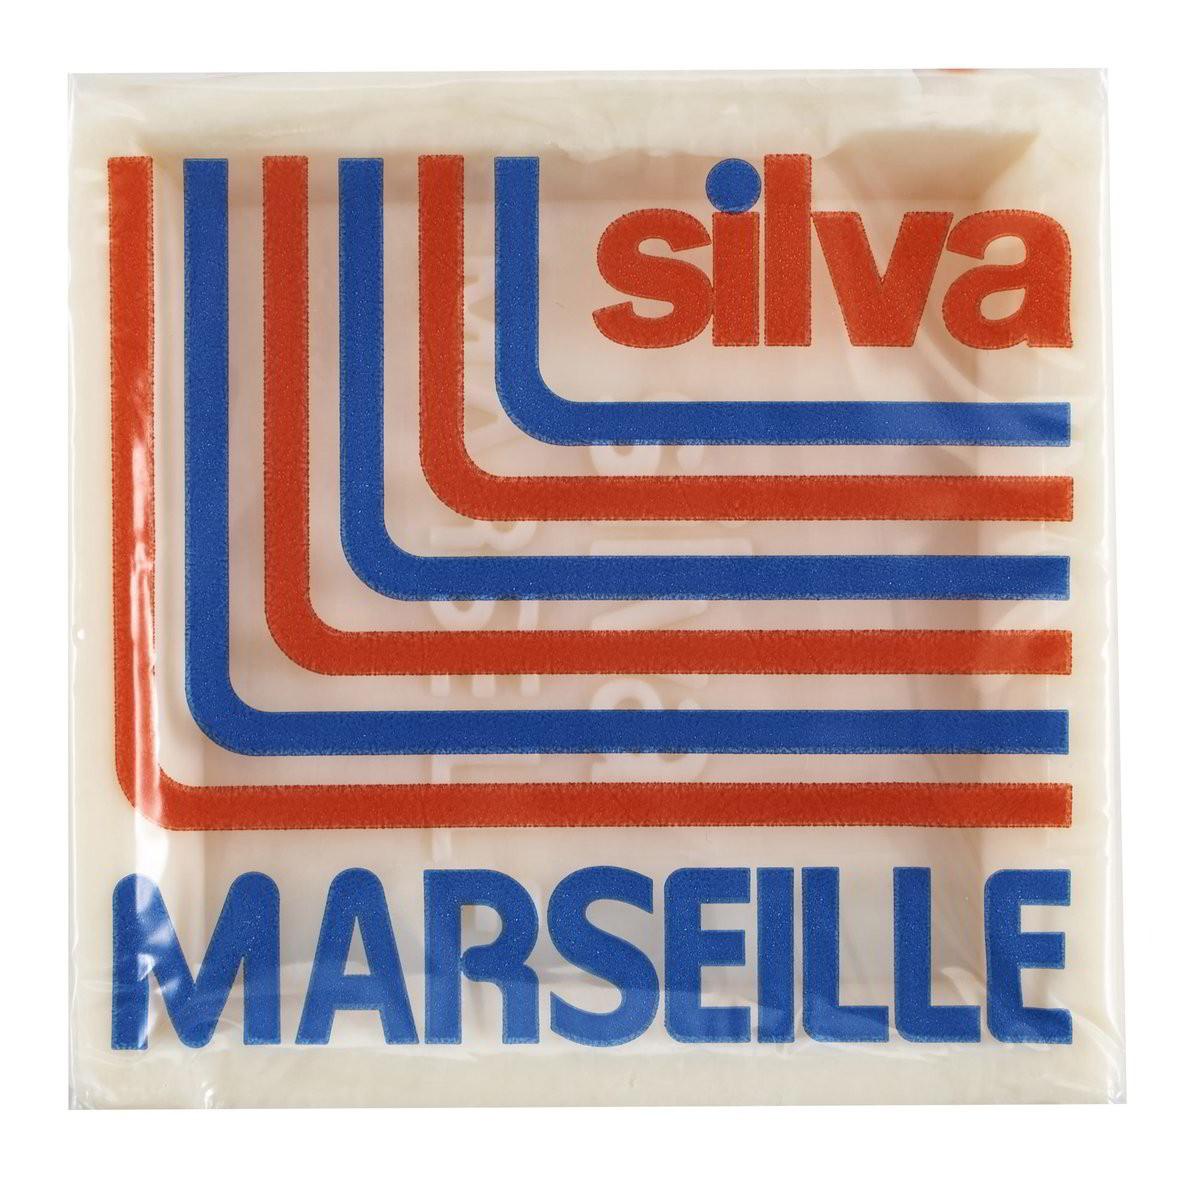 Italsilva Sapone di Marsiglia per bucato a mano